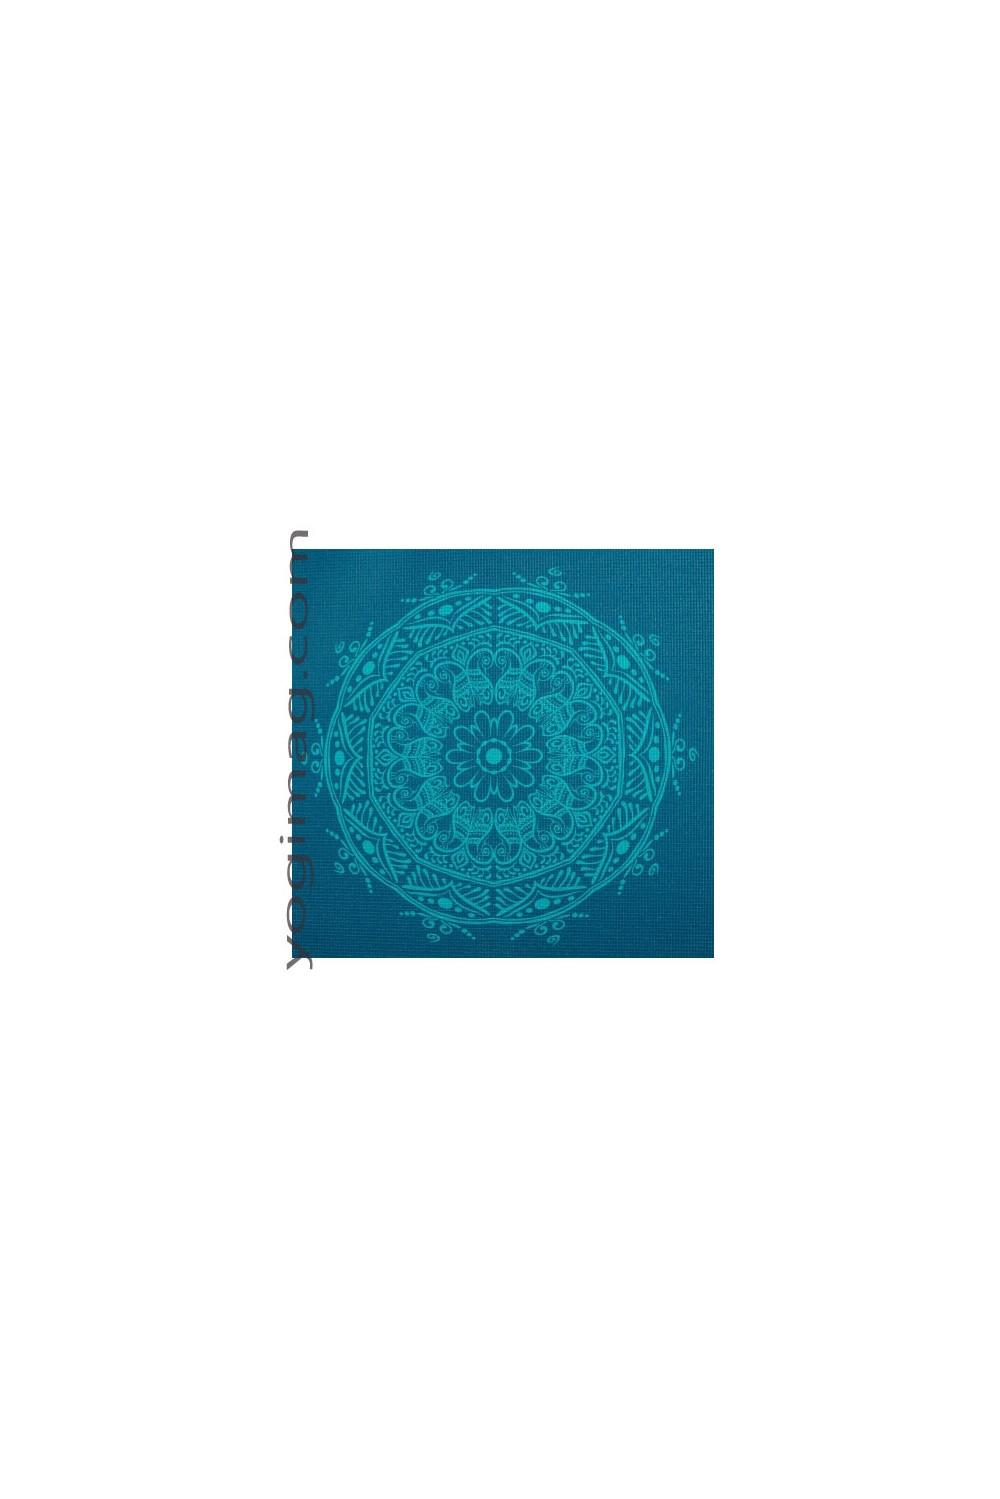 tapis de yoga mandala homme femme yogimag consommer sans mod ration. Black Bedroom Furniture Sets. Home Design Ideas